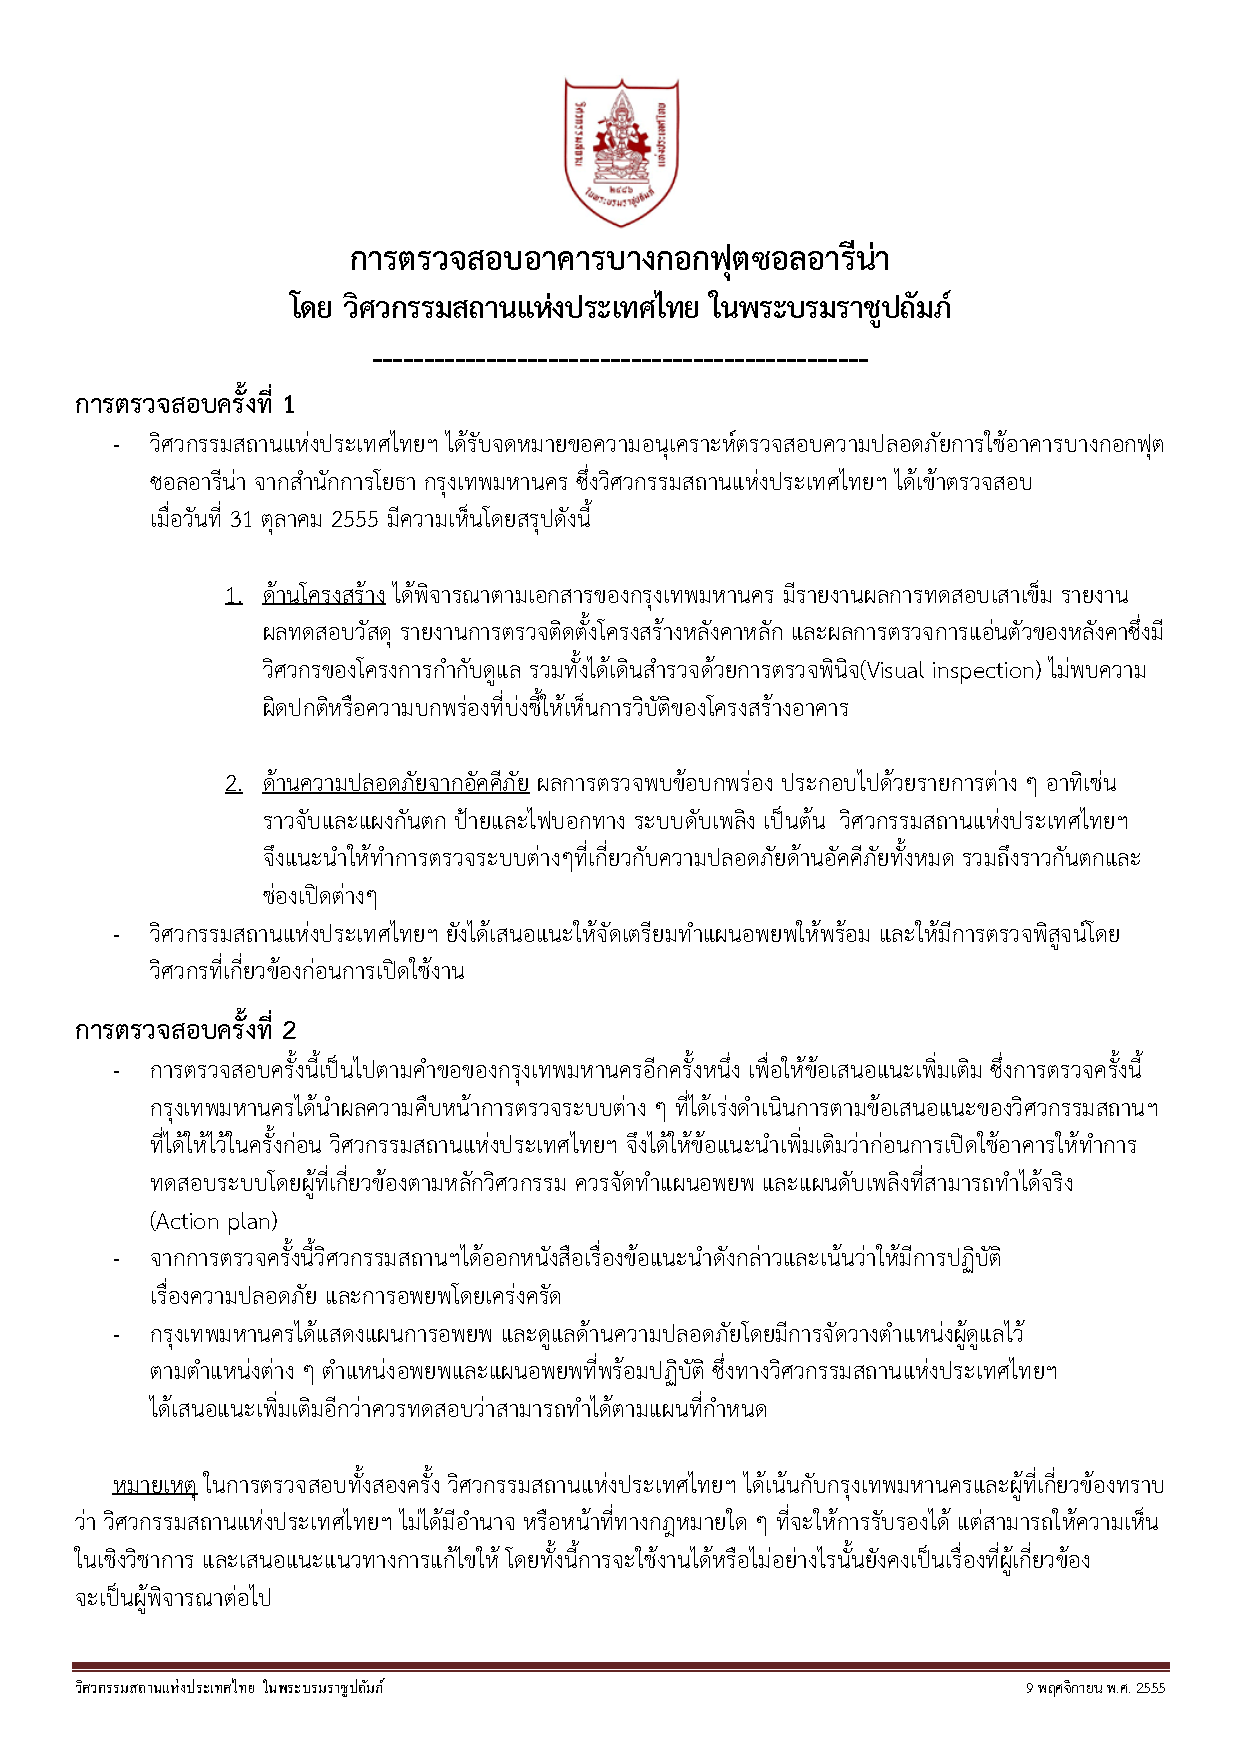 การตรวจสอบอาคารบางกอกฟุตซอลอารีน่า โดย วิศวกรรมสถานแห่งประเทศไทย ในพระบรมราชูปถัมภ์